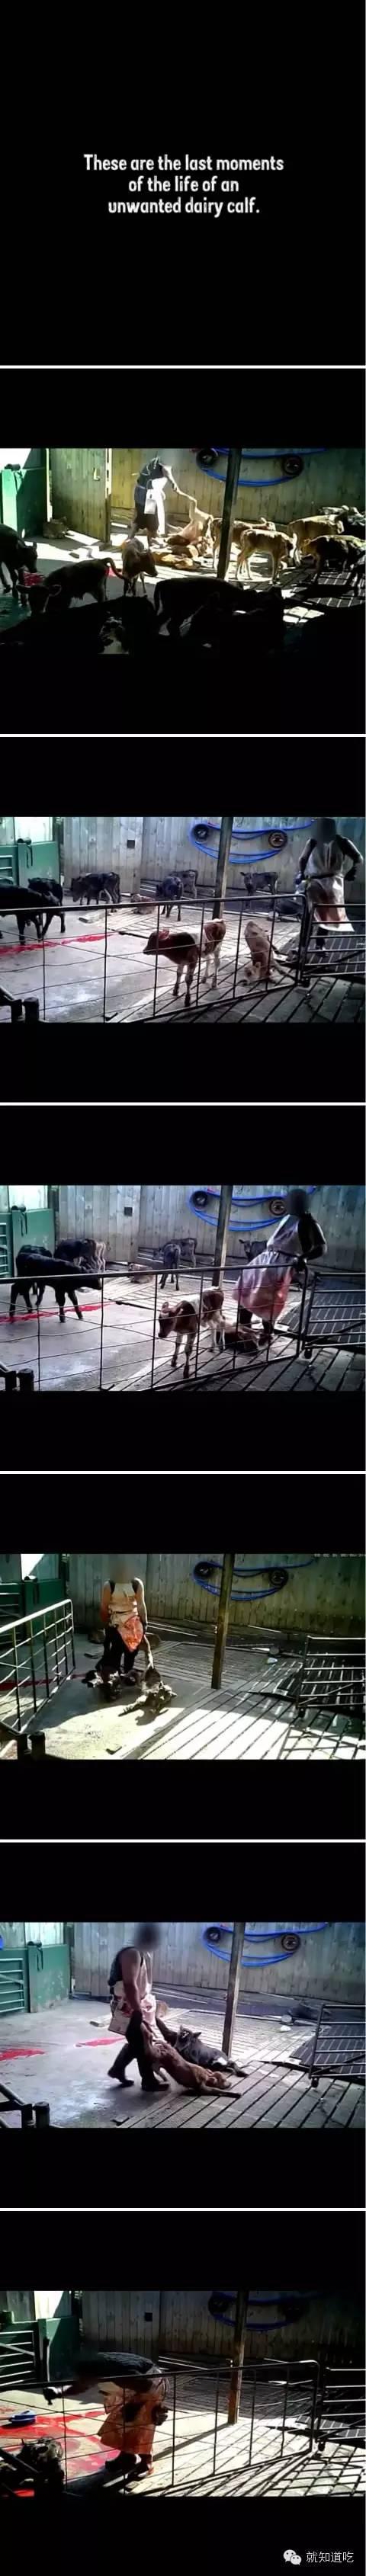 除了这些,每头母牛所受到的几乎没有间隙的挤压对它们的身体造成了极大的压力,导致它们遭受严重乳腺炎的困扰,而由于挤奶时要长时间站在混凝土地面上多数奶牛都是跛脚。